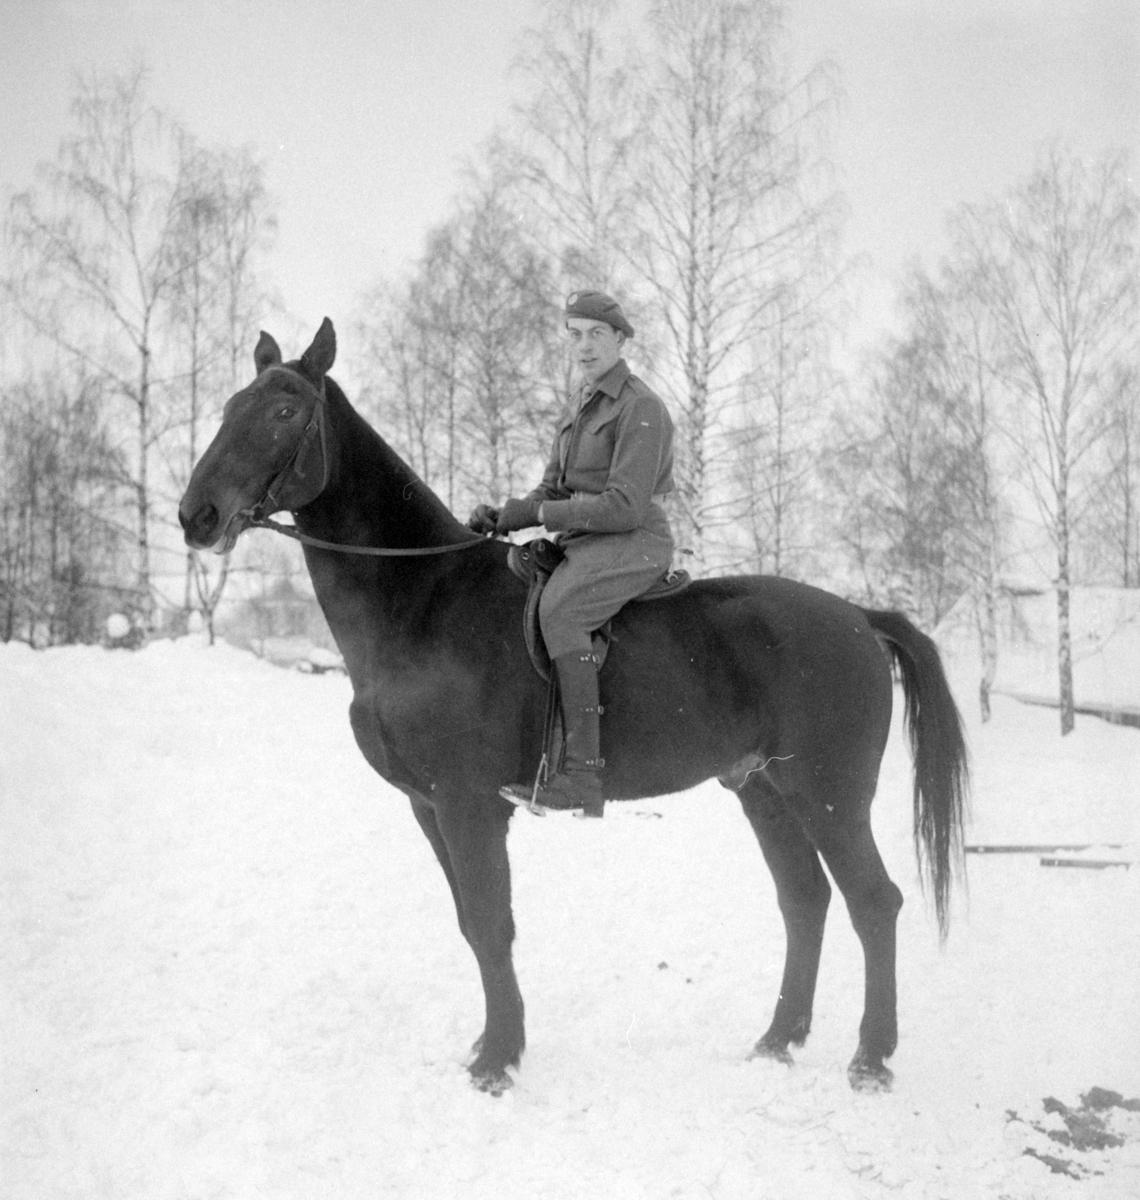 Militære, Starum ekserserplass, diverse kurs og diverse portretter, 1950. Starum.    Bilde nr. 1: Fenrik Raassum, nr. 2: fenrik Midtbø, nr. 3: sersjant Grini, nr. 4: sersjant Mo, nr. 5: R. Løkken.   Bilde nr. 6 til 20: Ukjente menn på hester.  Bilde nr. 21 til 23: Ukjente menn, bilde nr. 24: Sersjant Aabel.  Nr. 27 til 30: Ukjente menn til hest.